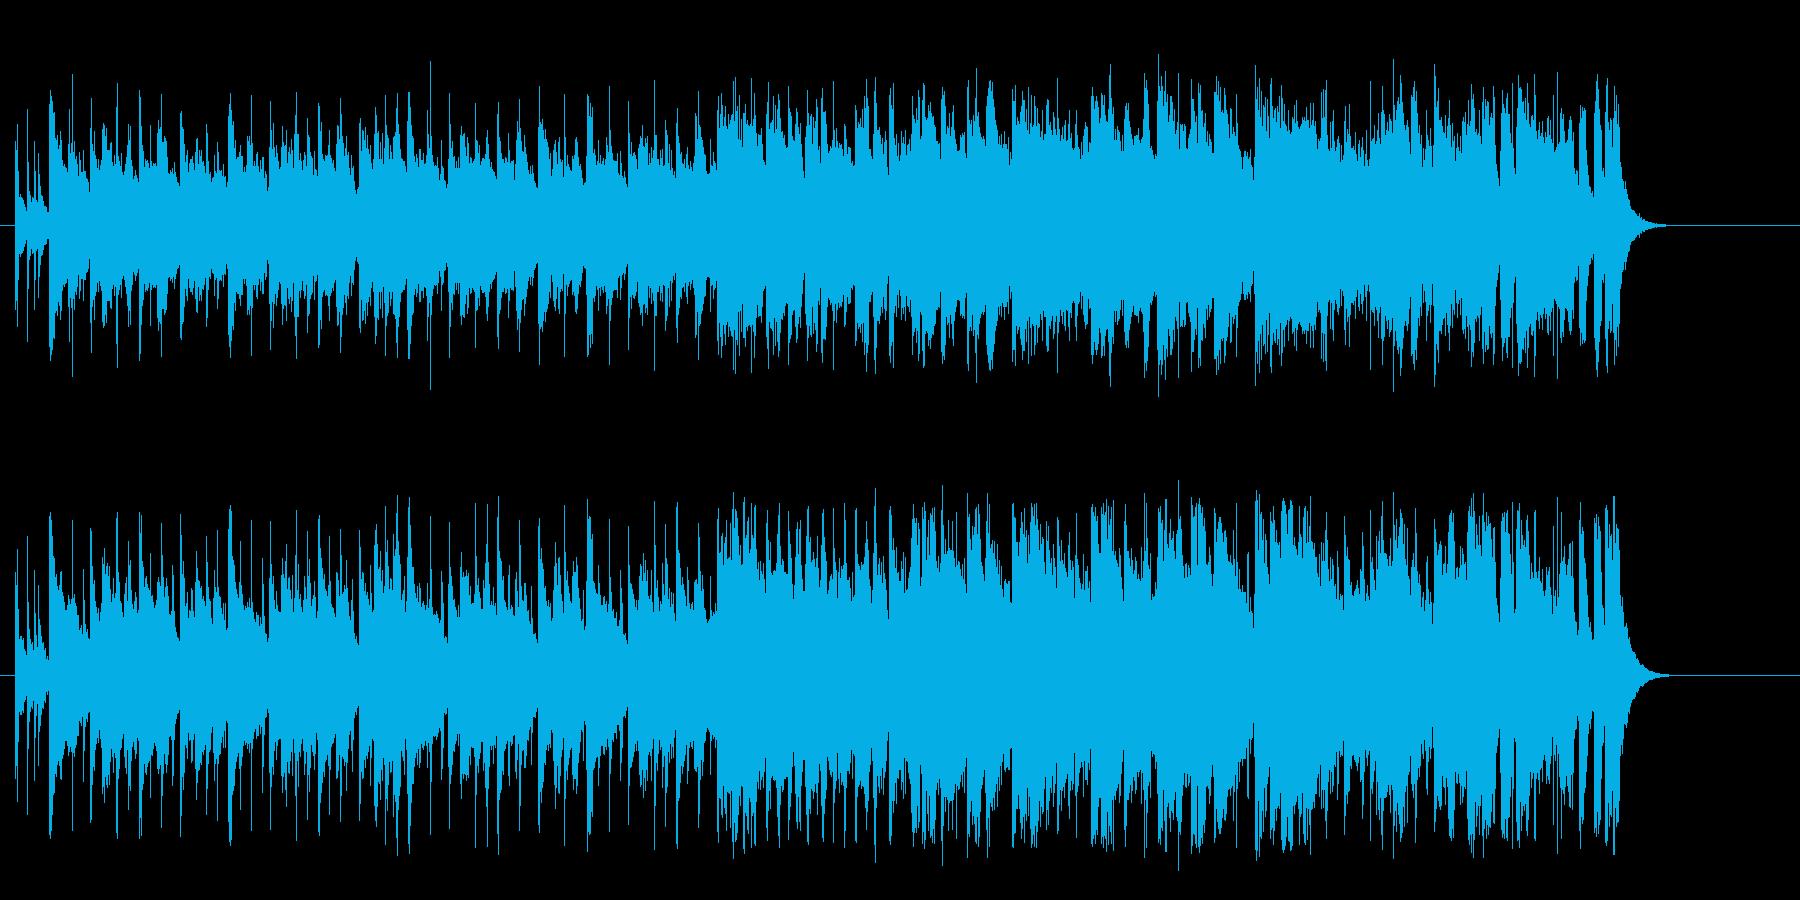 シャッフル感のアコースティック・ポップの再生済みの波形